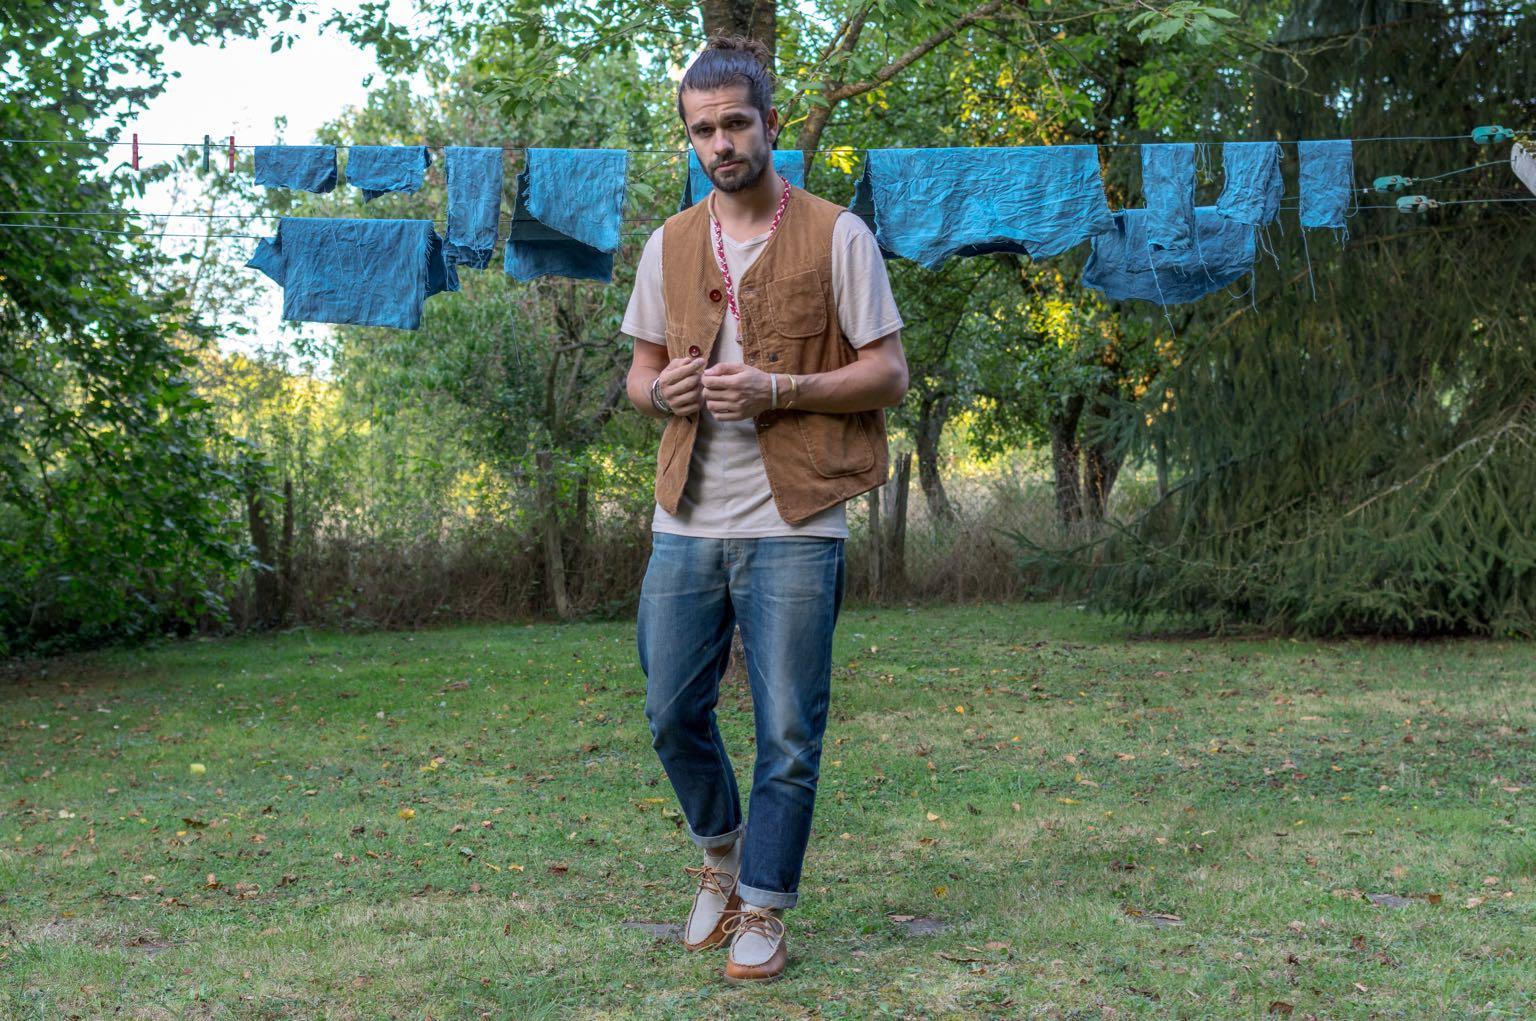 conseil et idée look pour porter le style workwear en été et forte chaleur